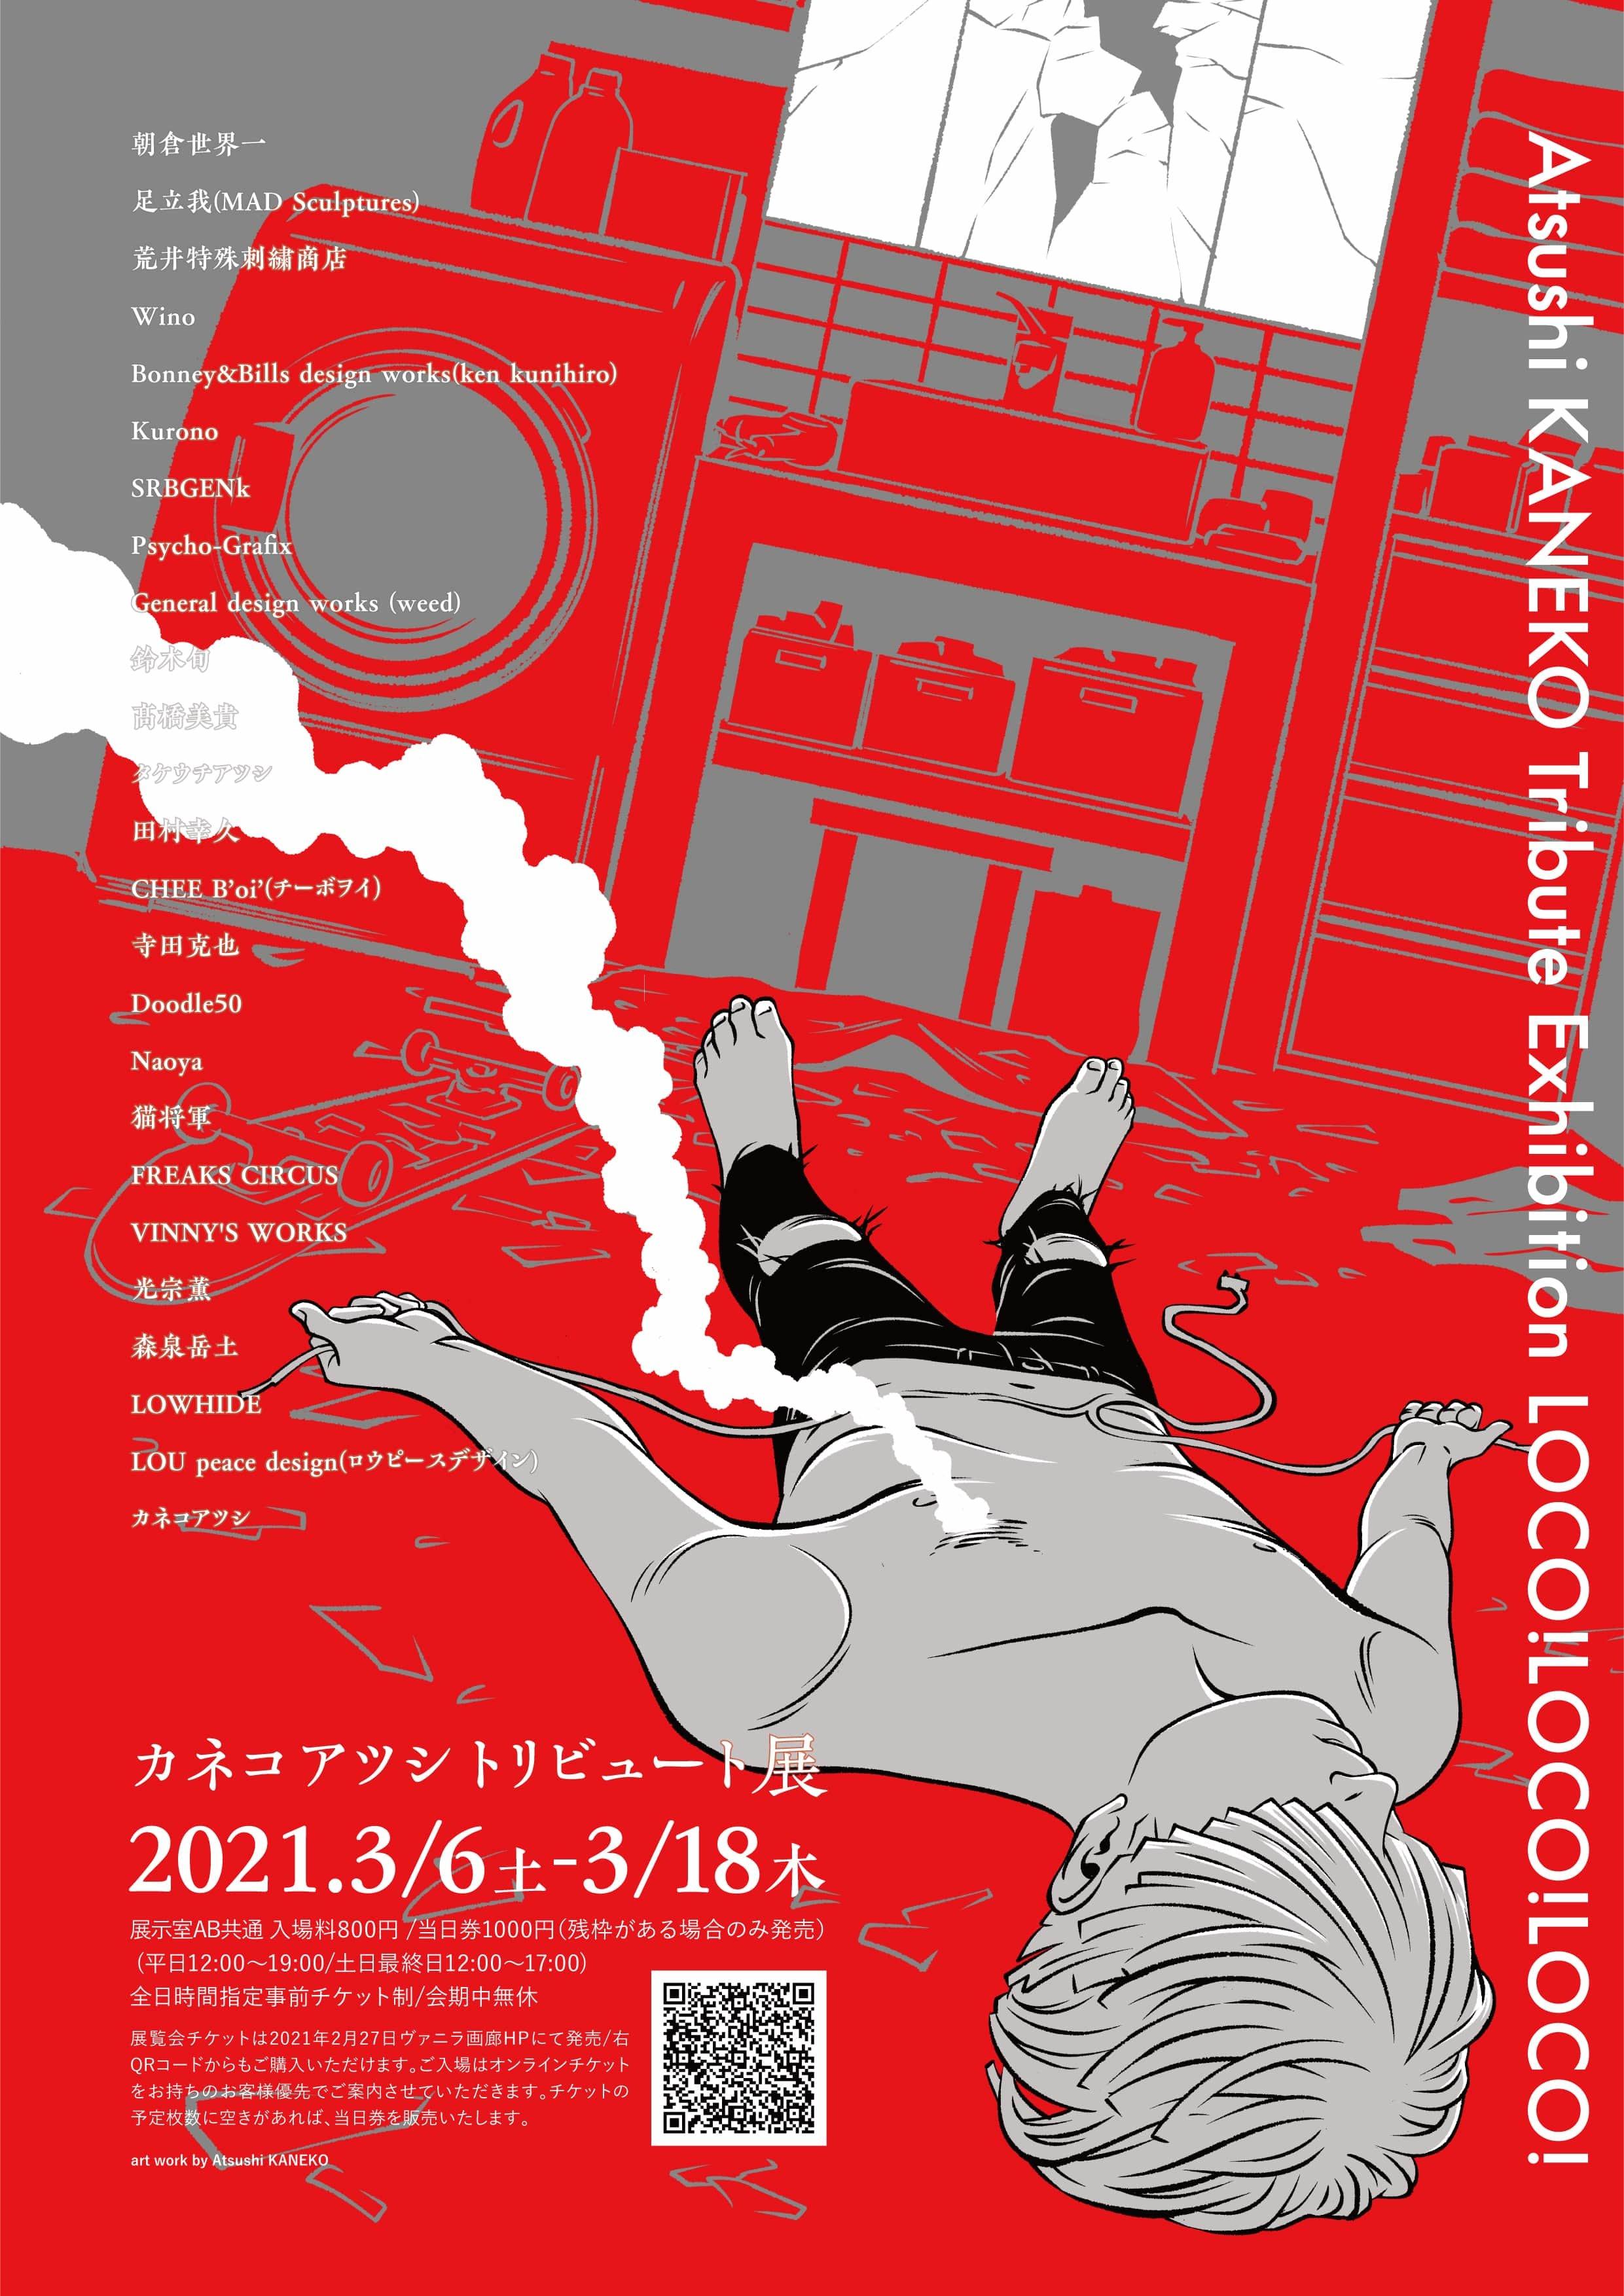 カネコアツシトリビュート展「LOCO! LOCO! LOCO!」